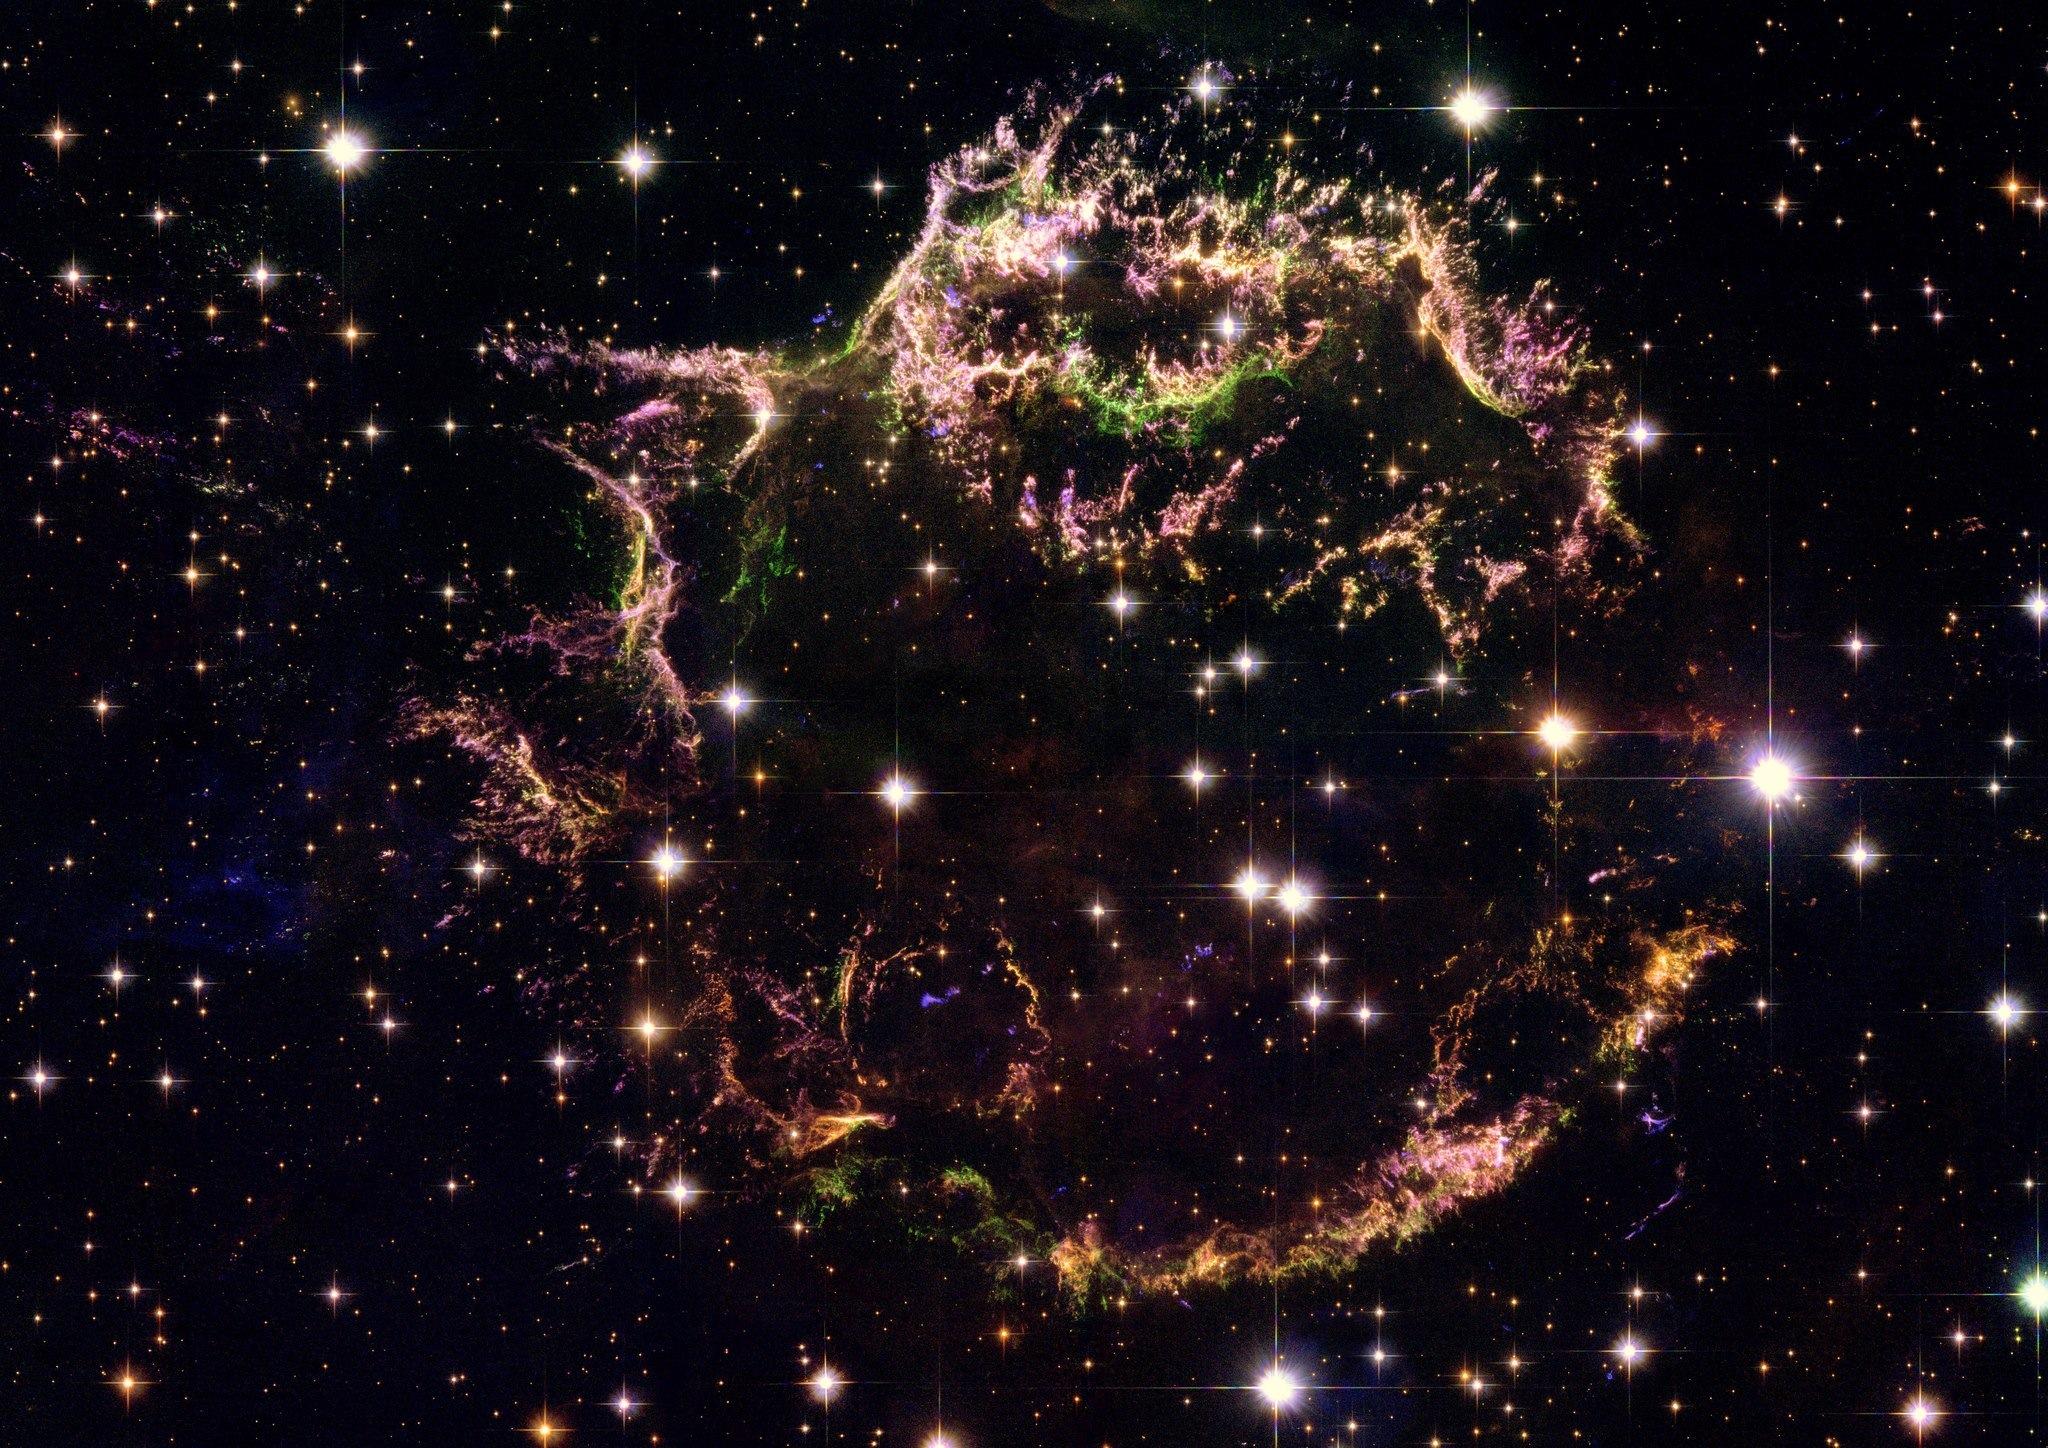 Nebula 11